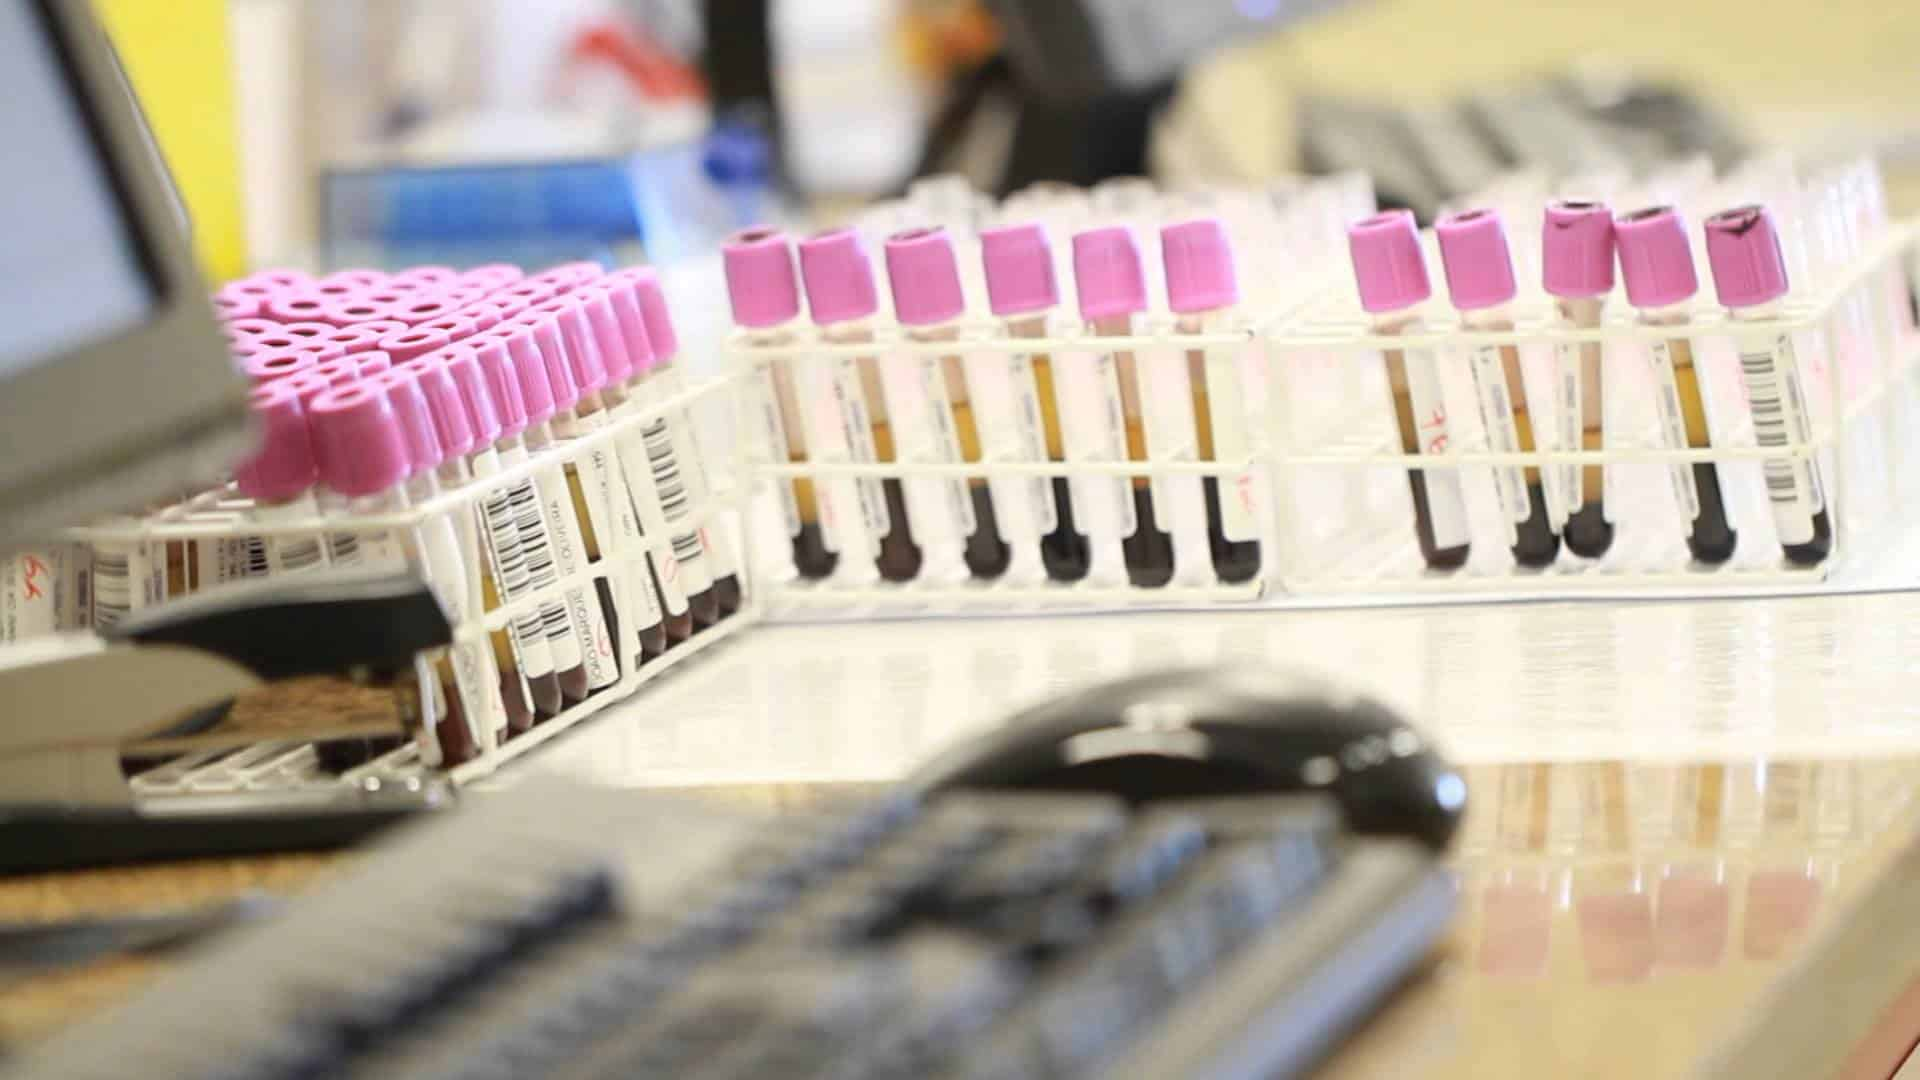 laboratórios abertos para exame toxicológico para motoristas